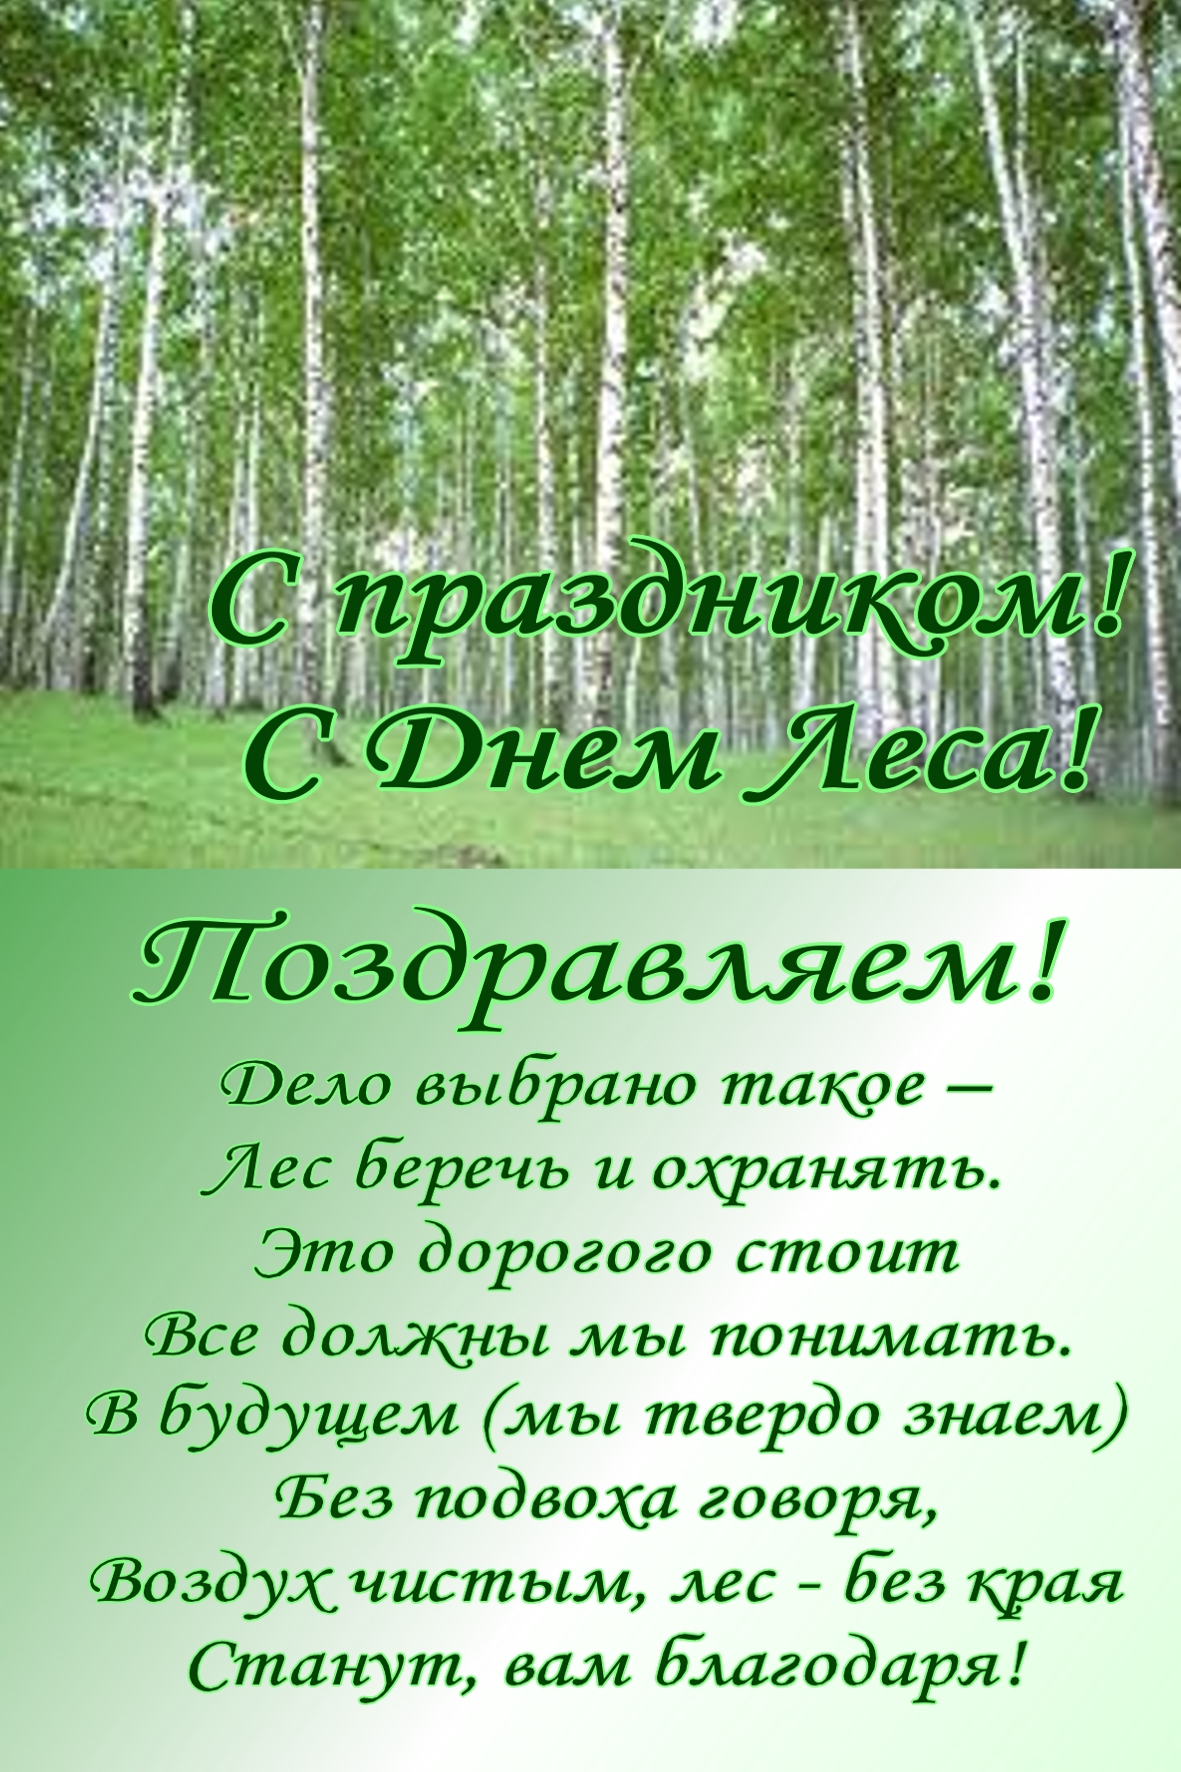 Поздравление с днем рождения лесе